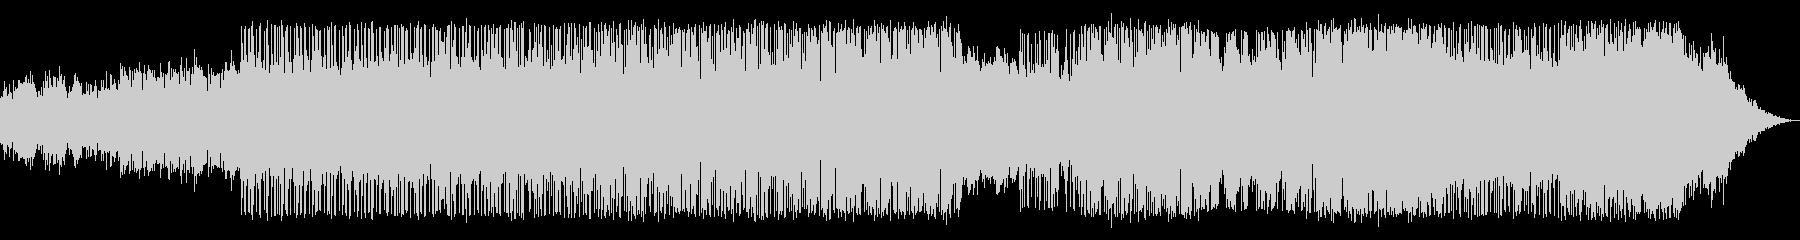 ホラーなアンビエントの電子音楽の未再生の波形